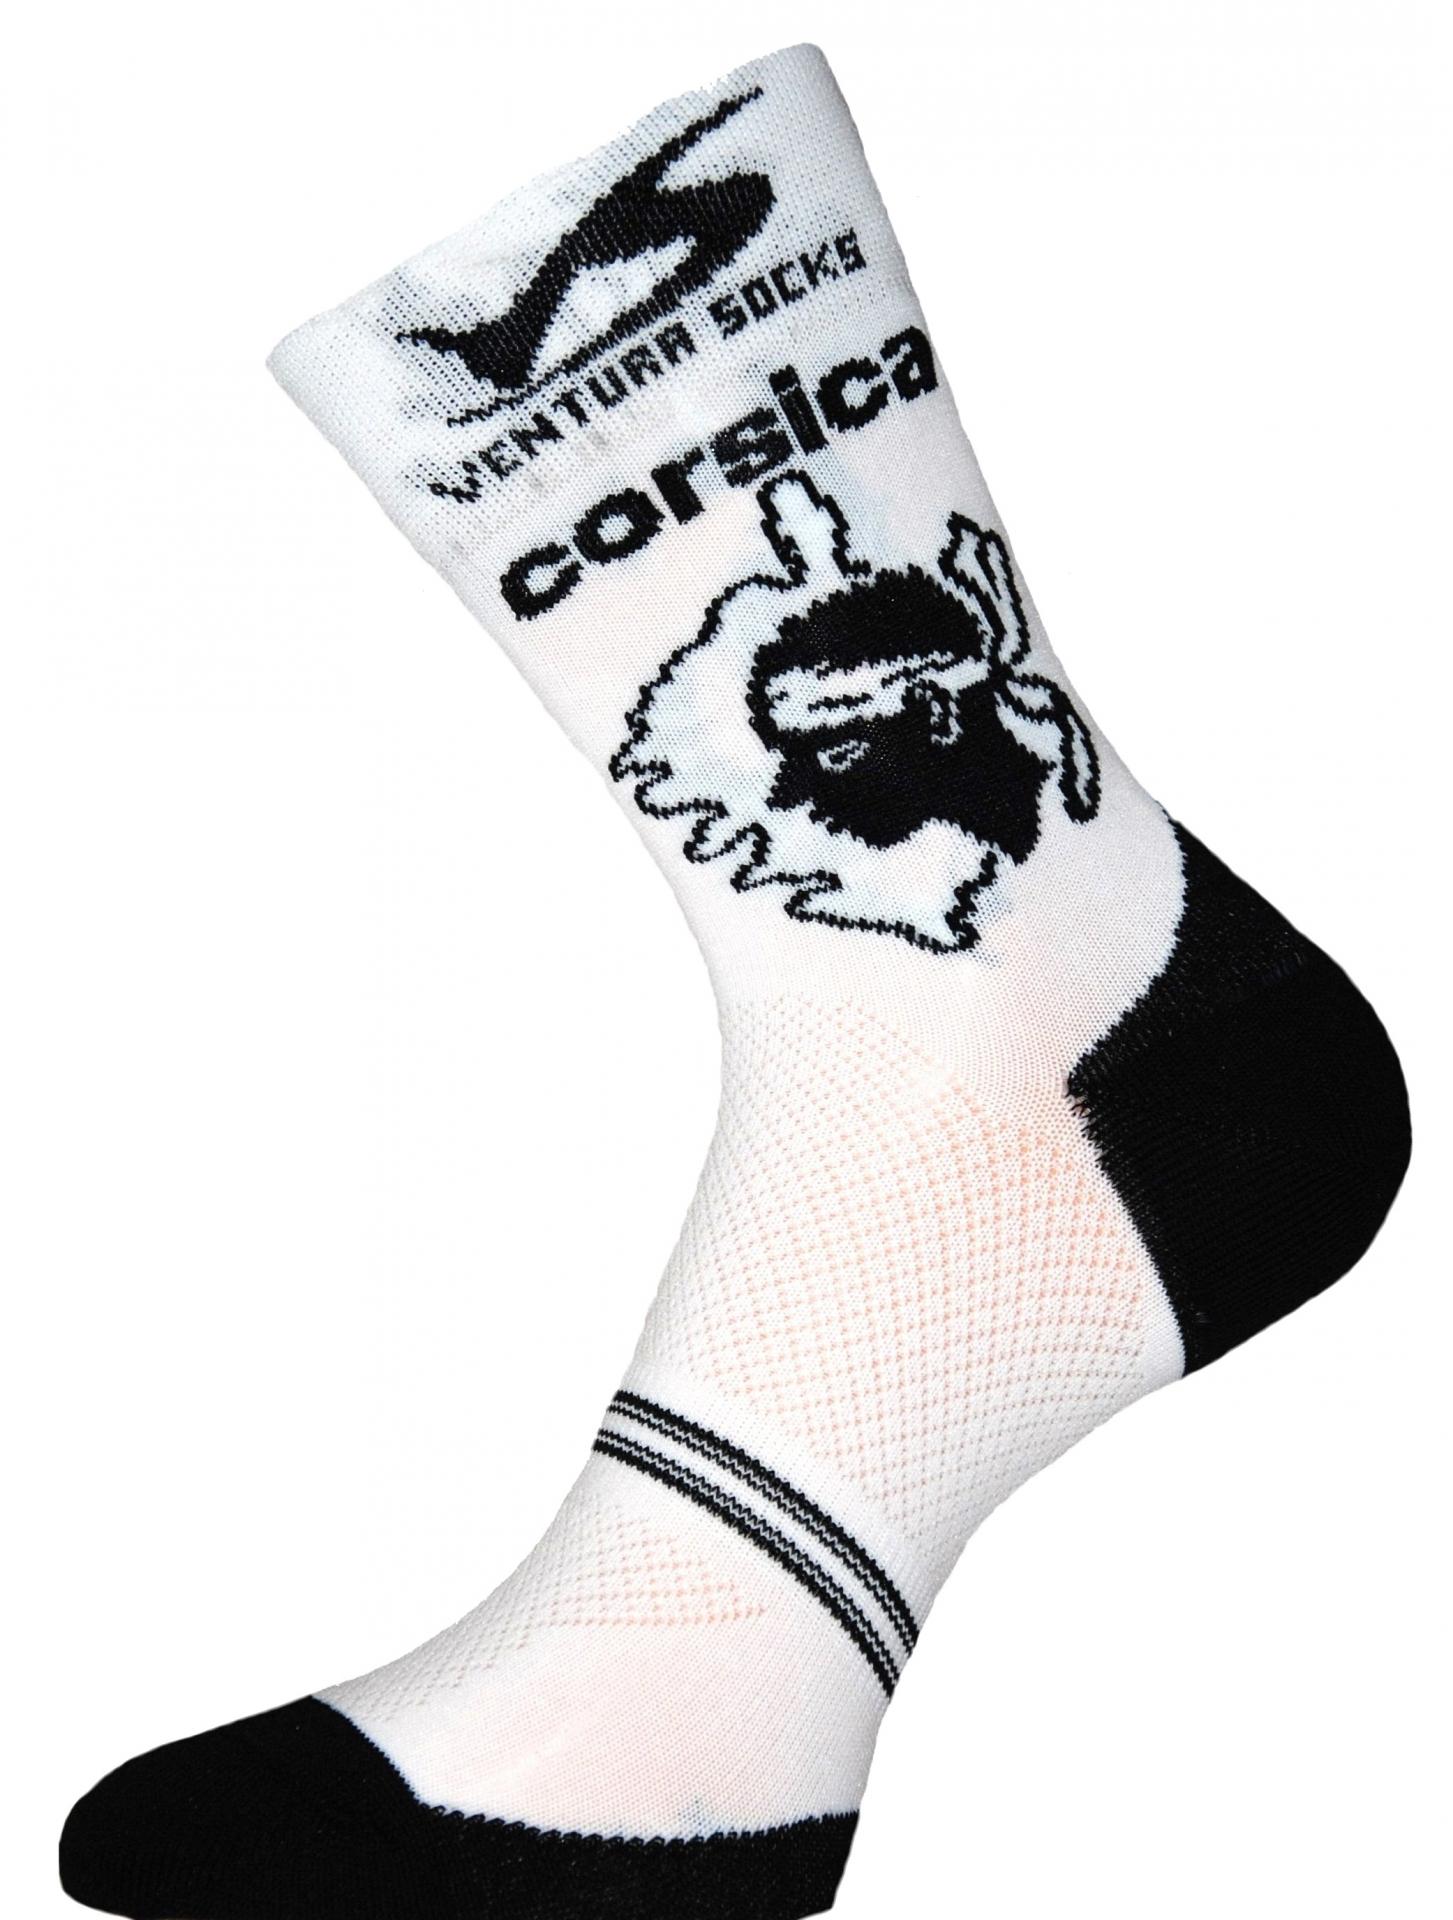 Chaussettes Ventura Socks Carbone Région Corse - 39/42